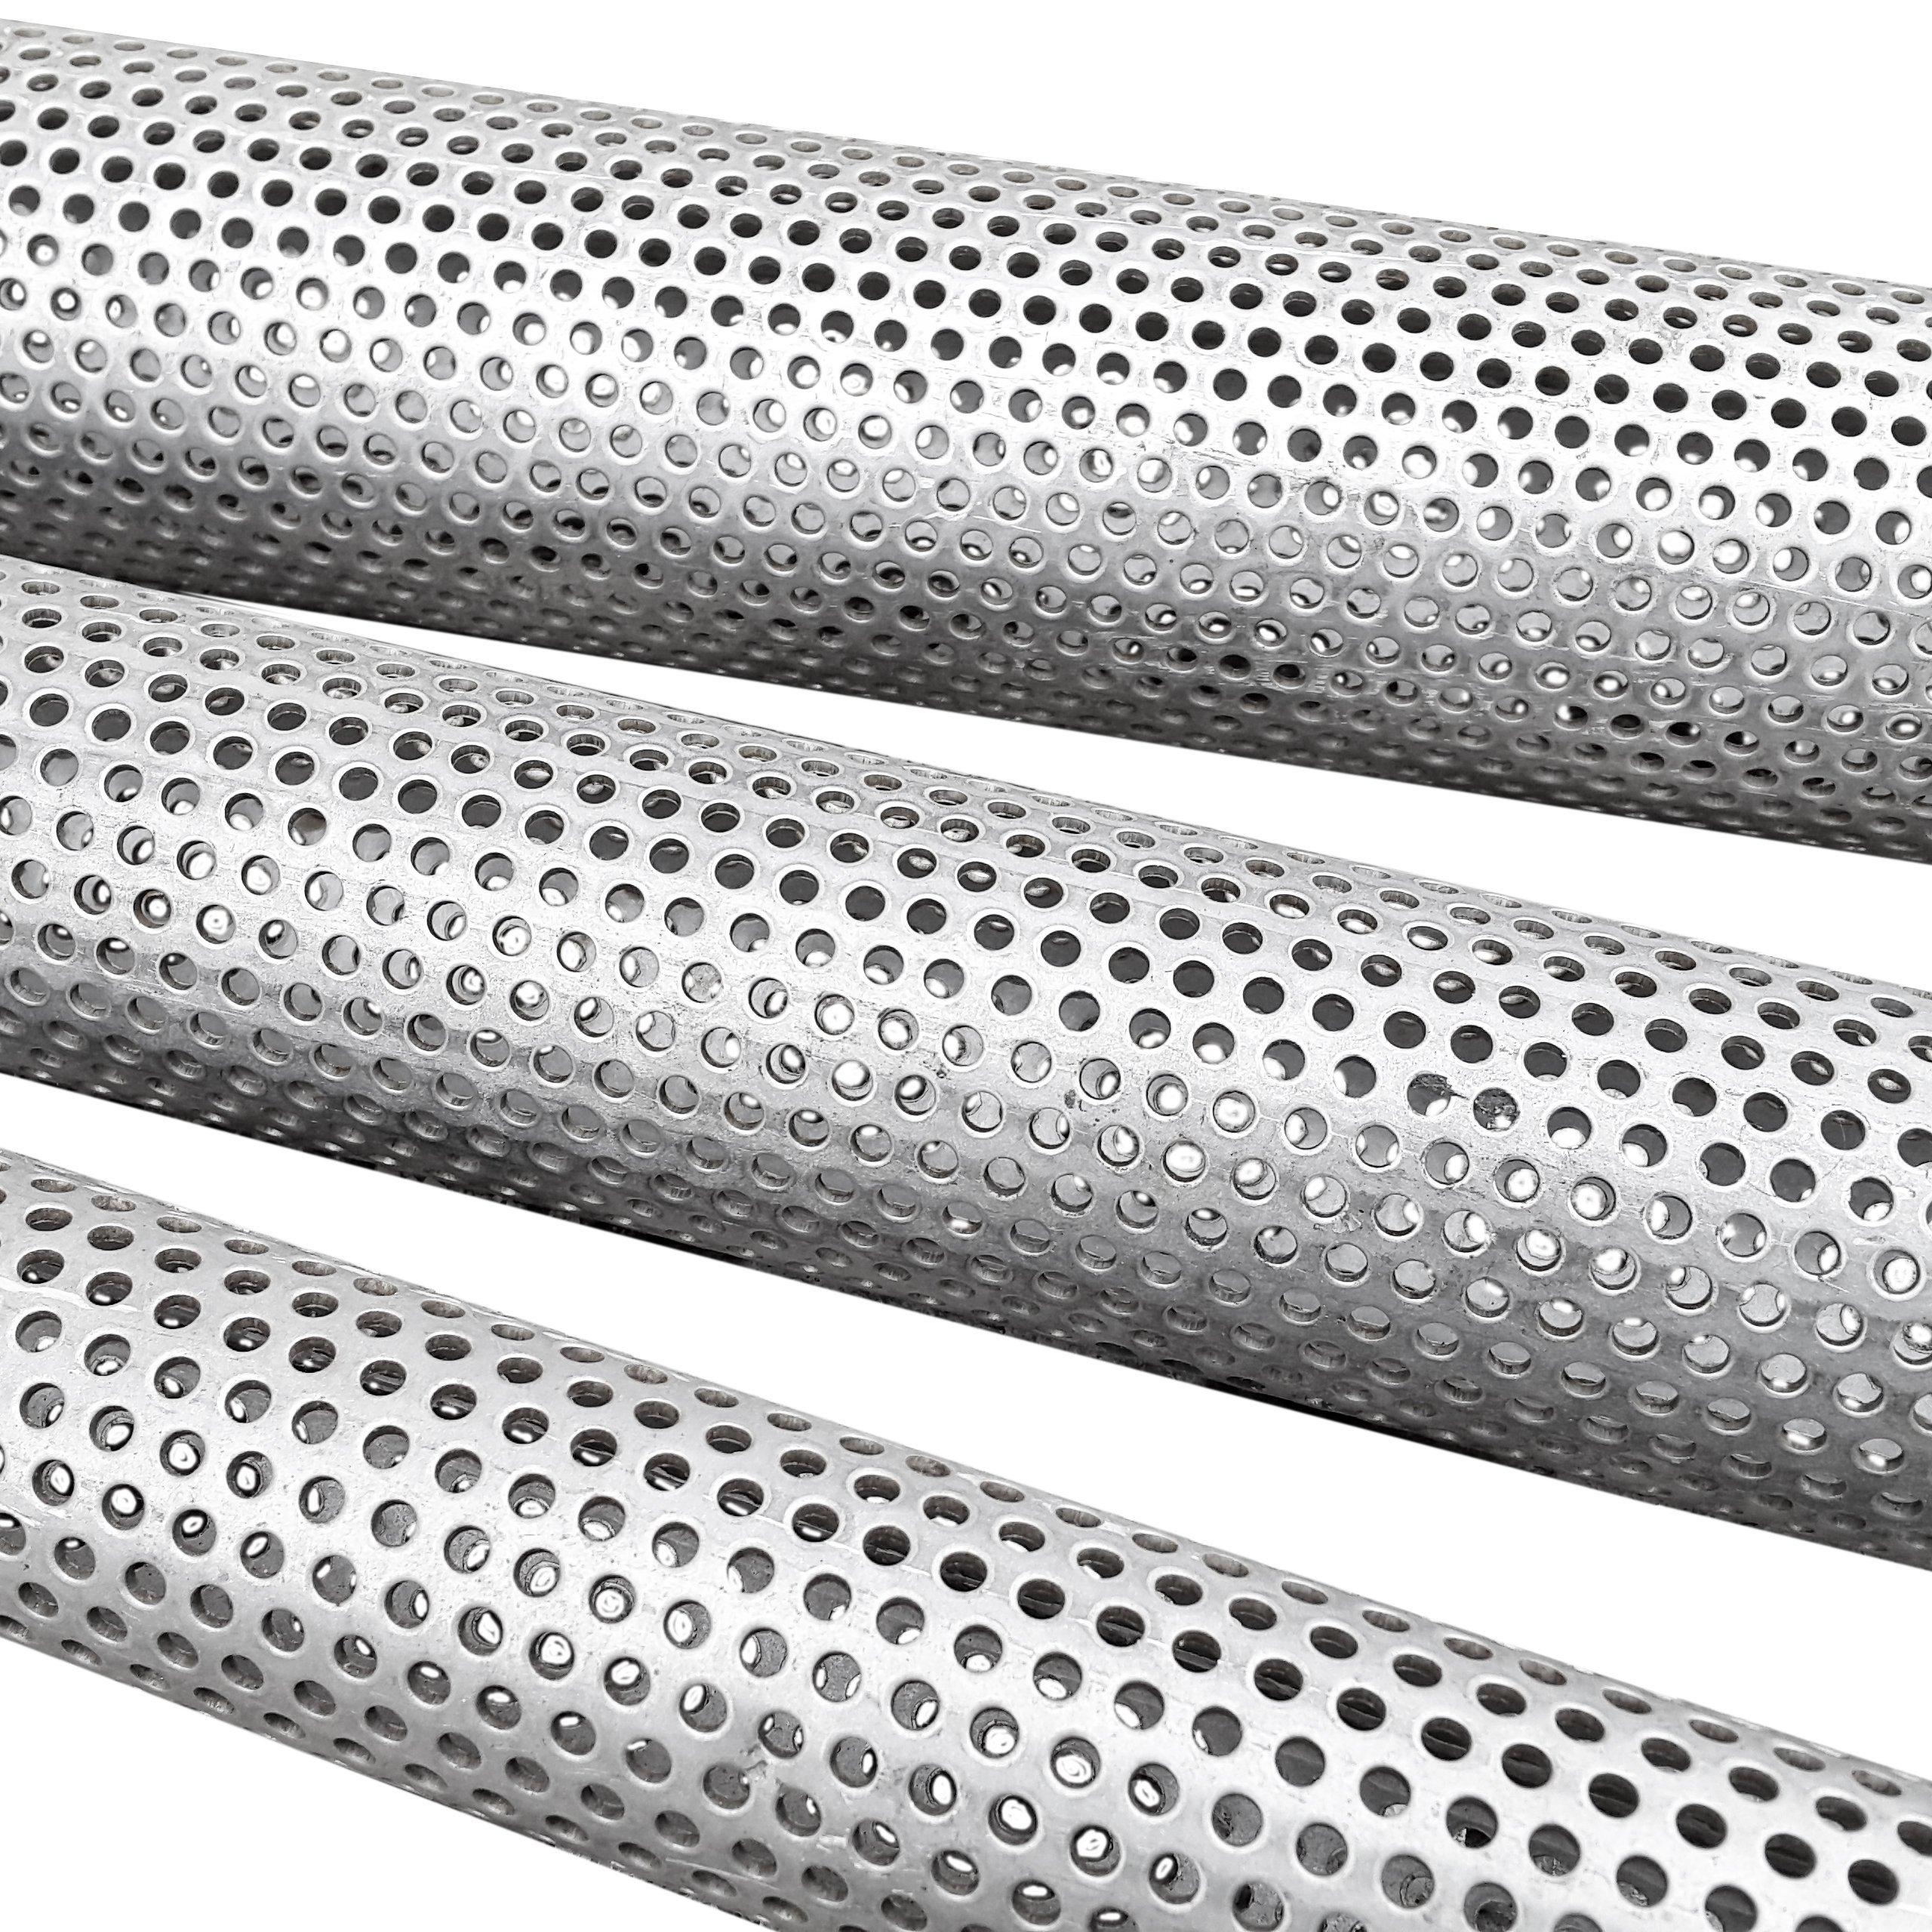 Перфорированная труба восстановите ваш 40-миллиметровый глушитель 0,5 м